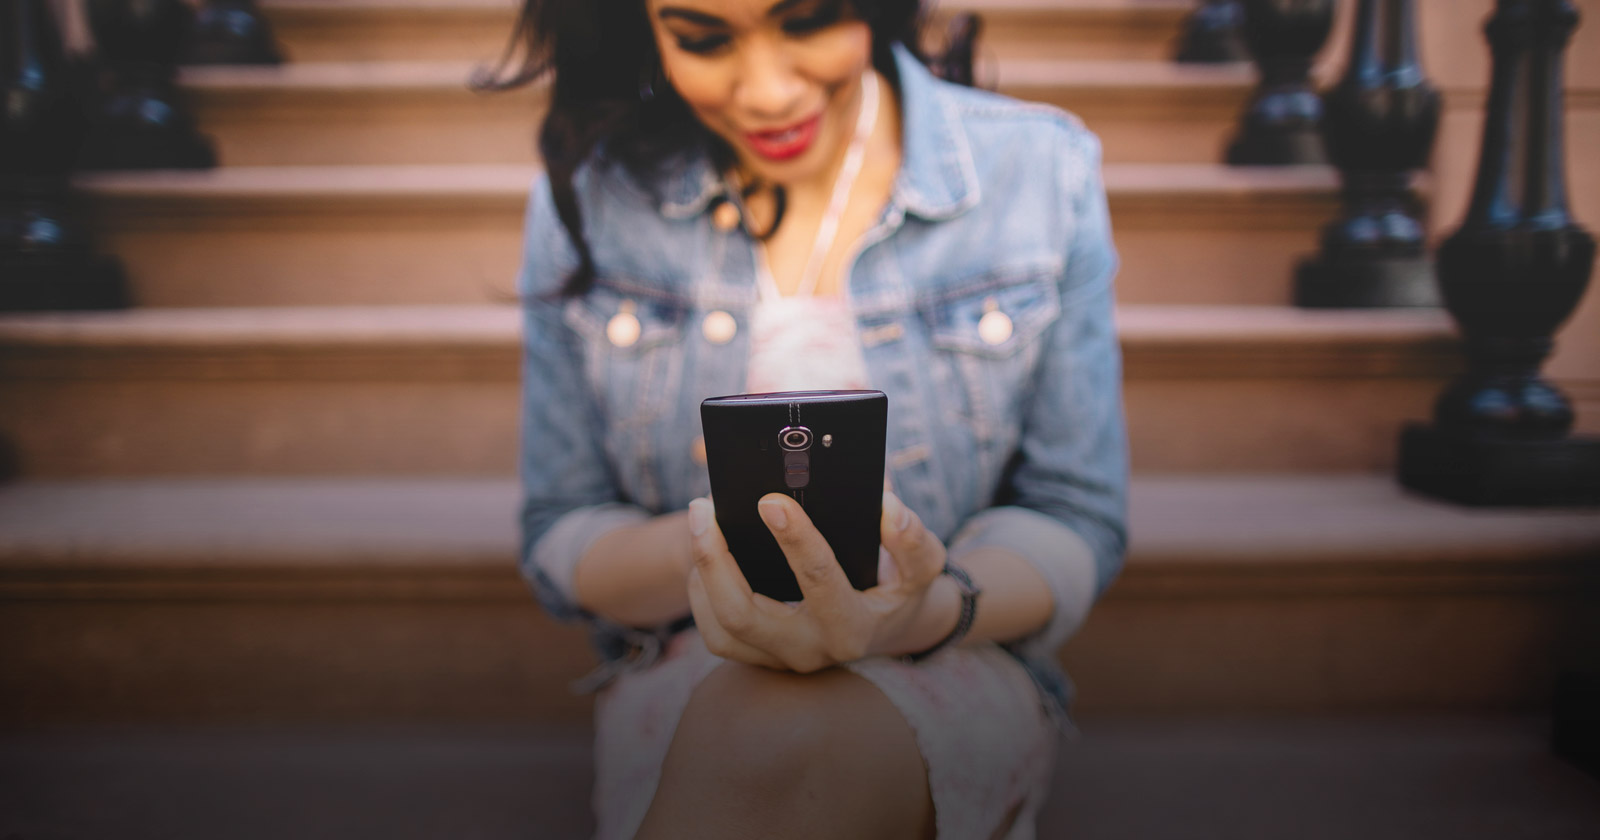 A partir de 2017, todos los nuevos teléfonos móviles en la India tendrán un botón de pánico para la seguridad de las mujeres